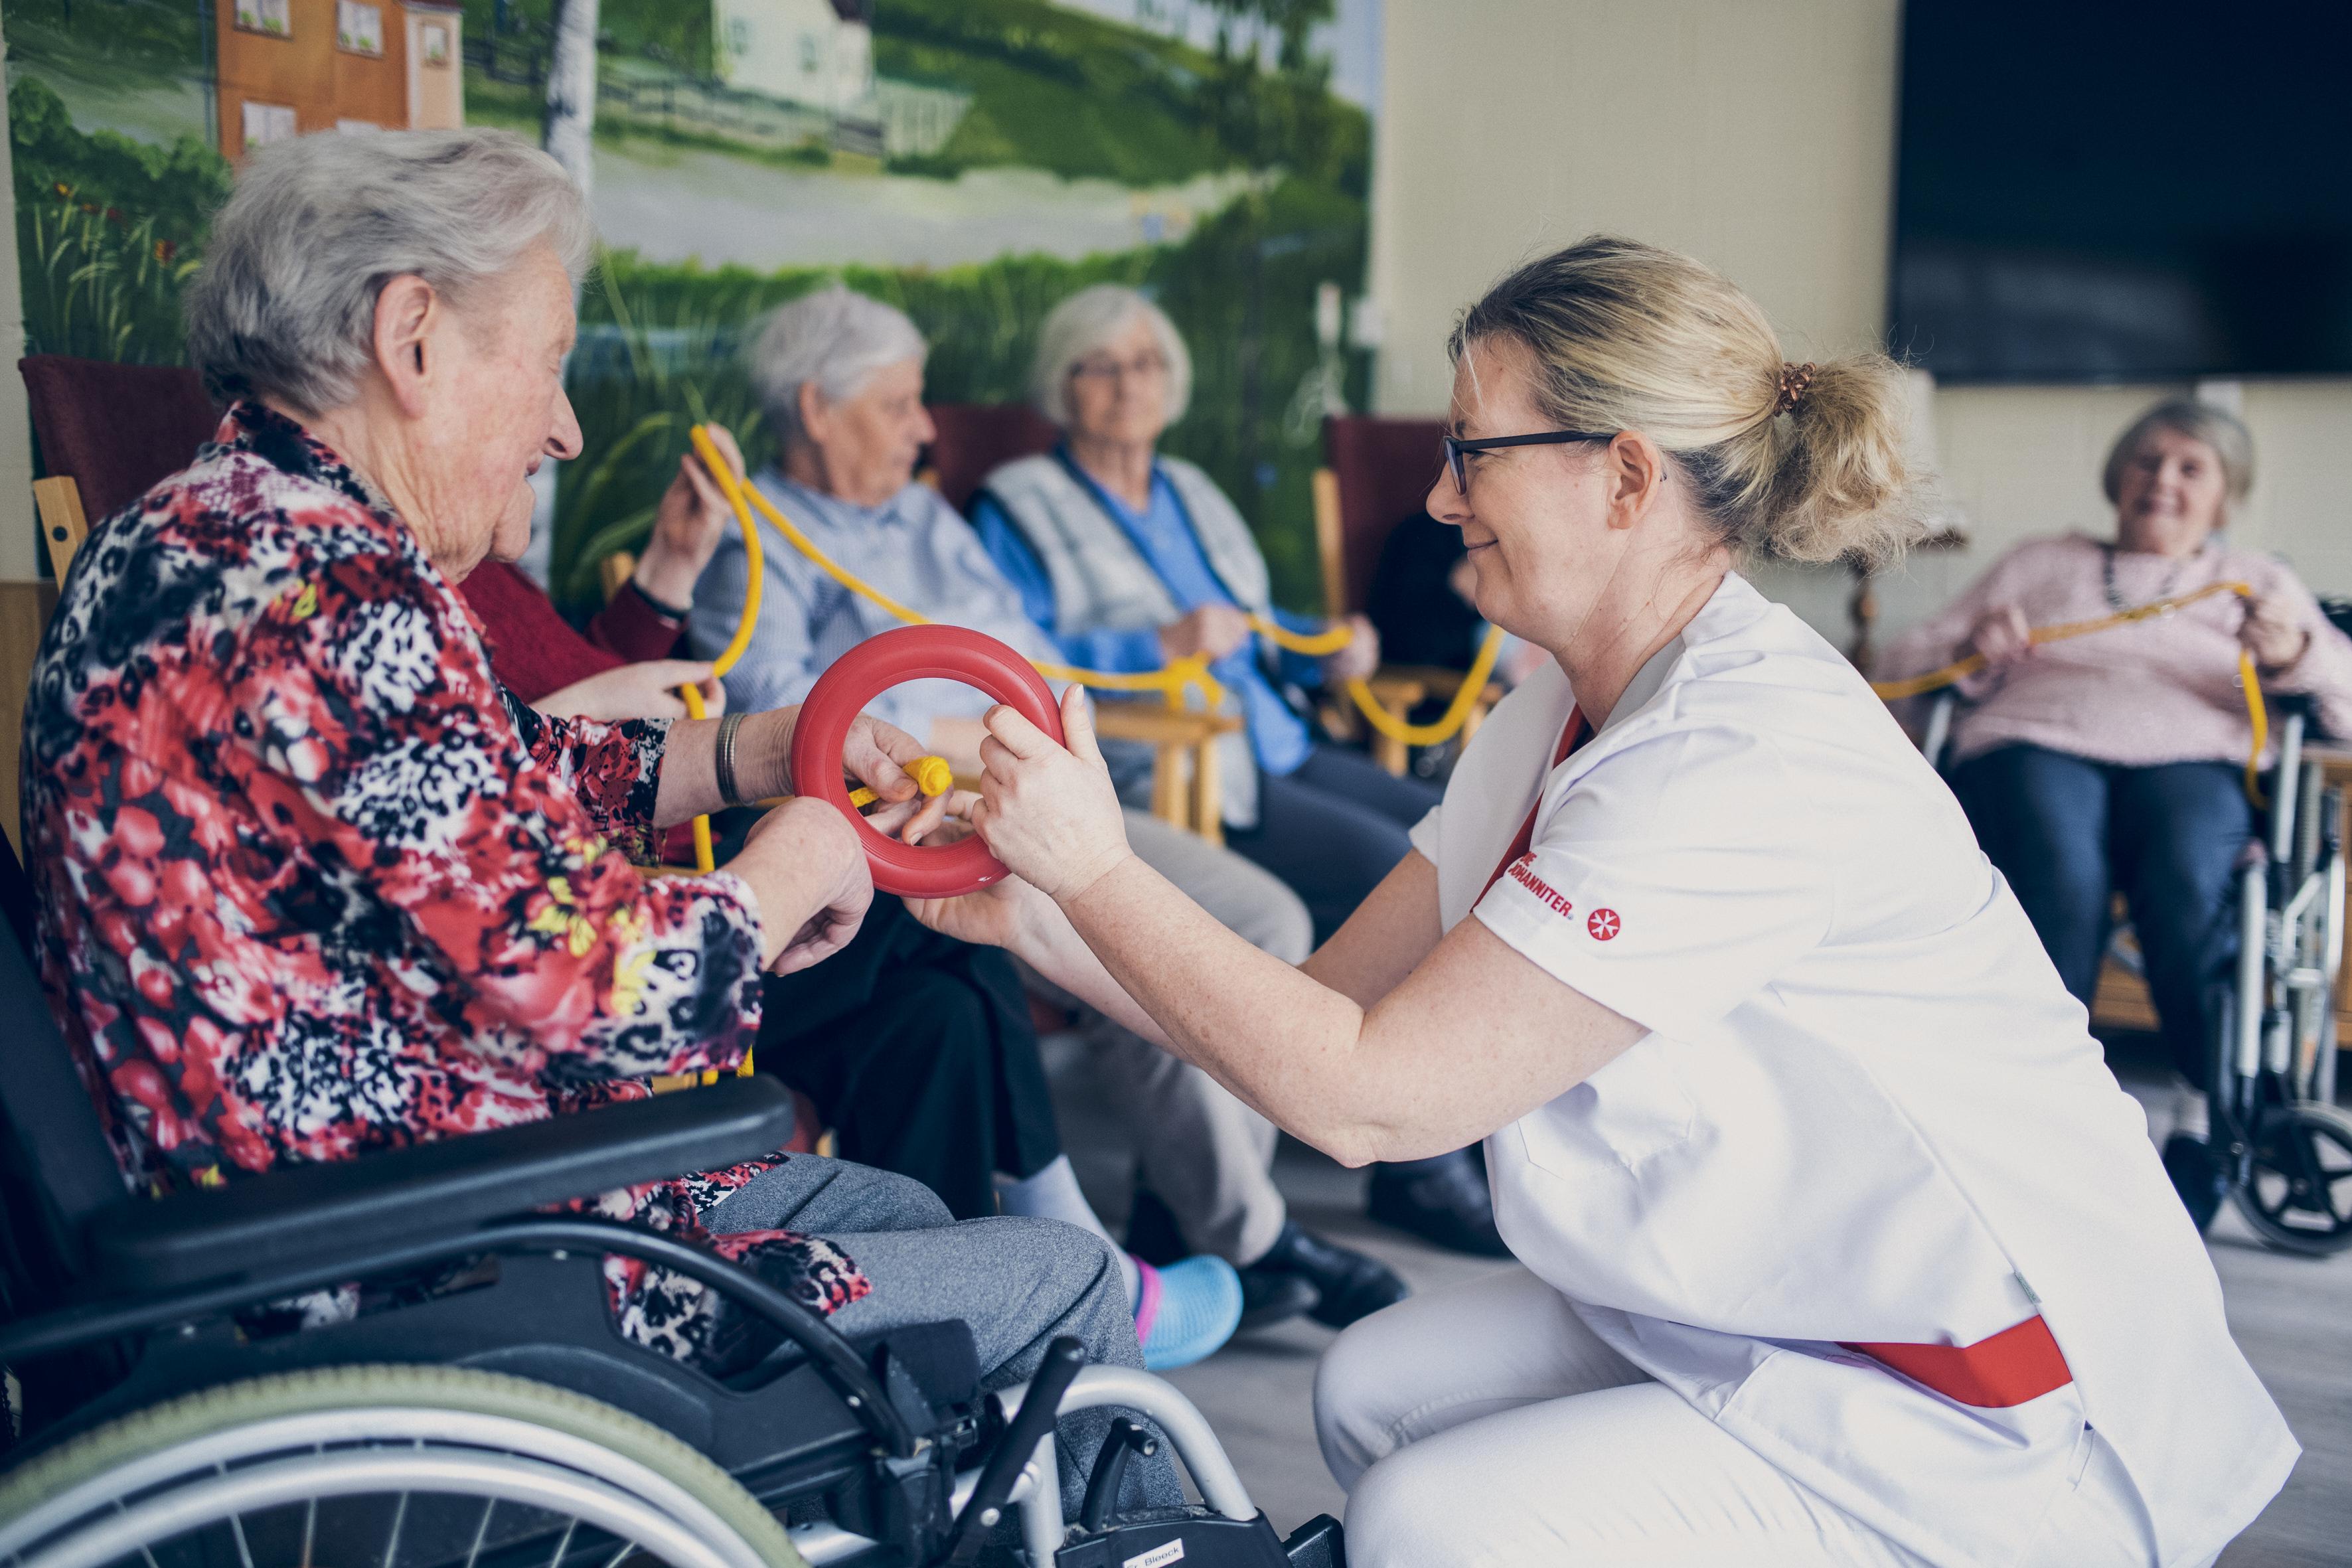 Eine Gruppe von Senioren bei sportlicher Aktivität mit Ringen